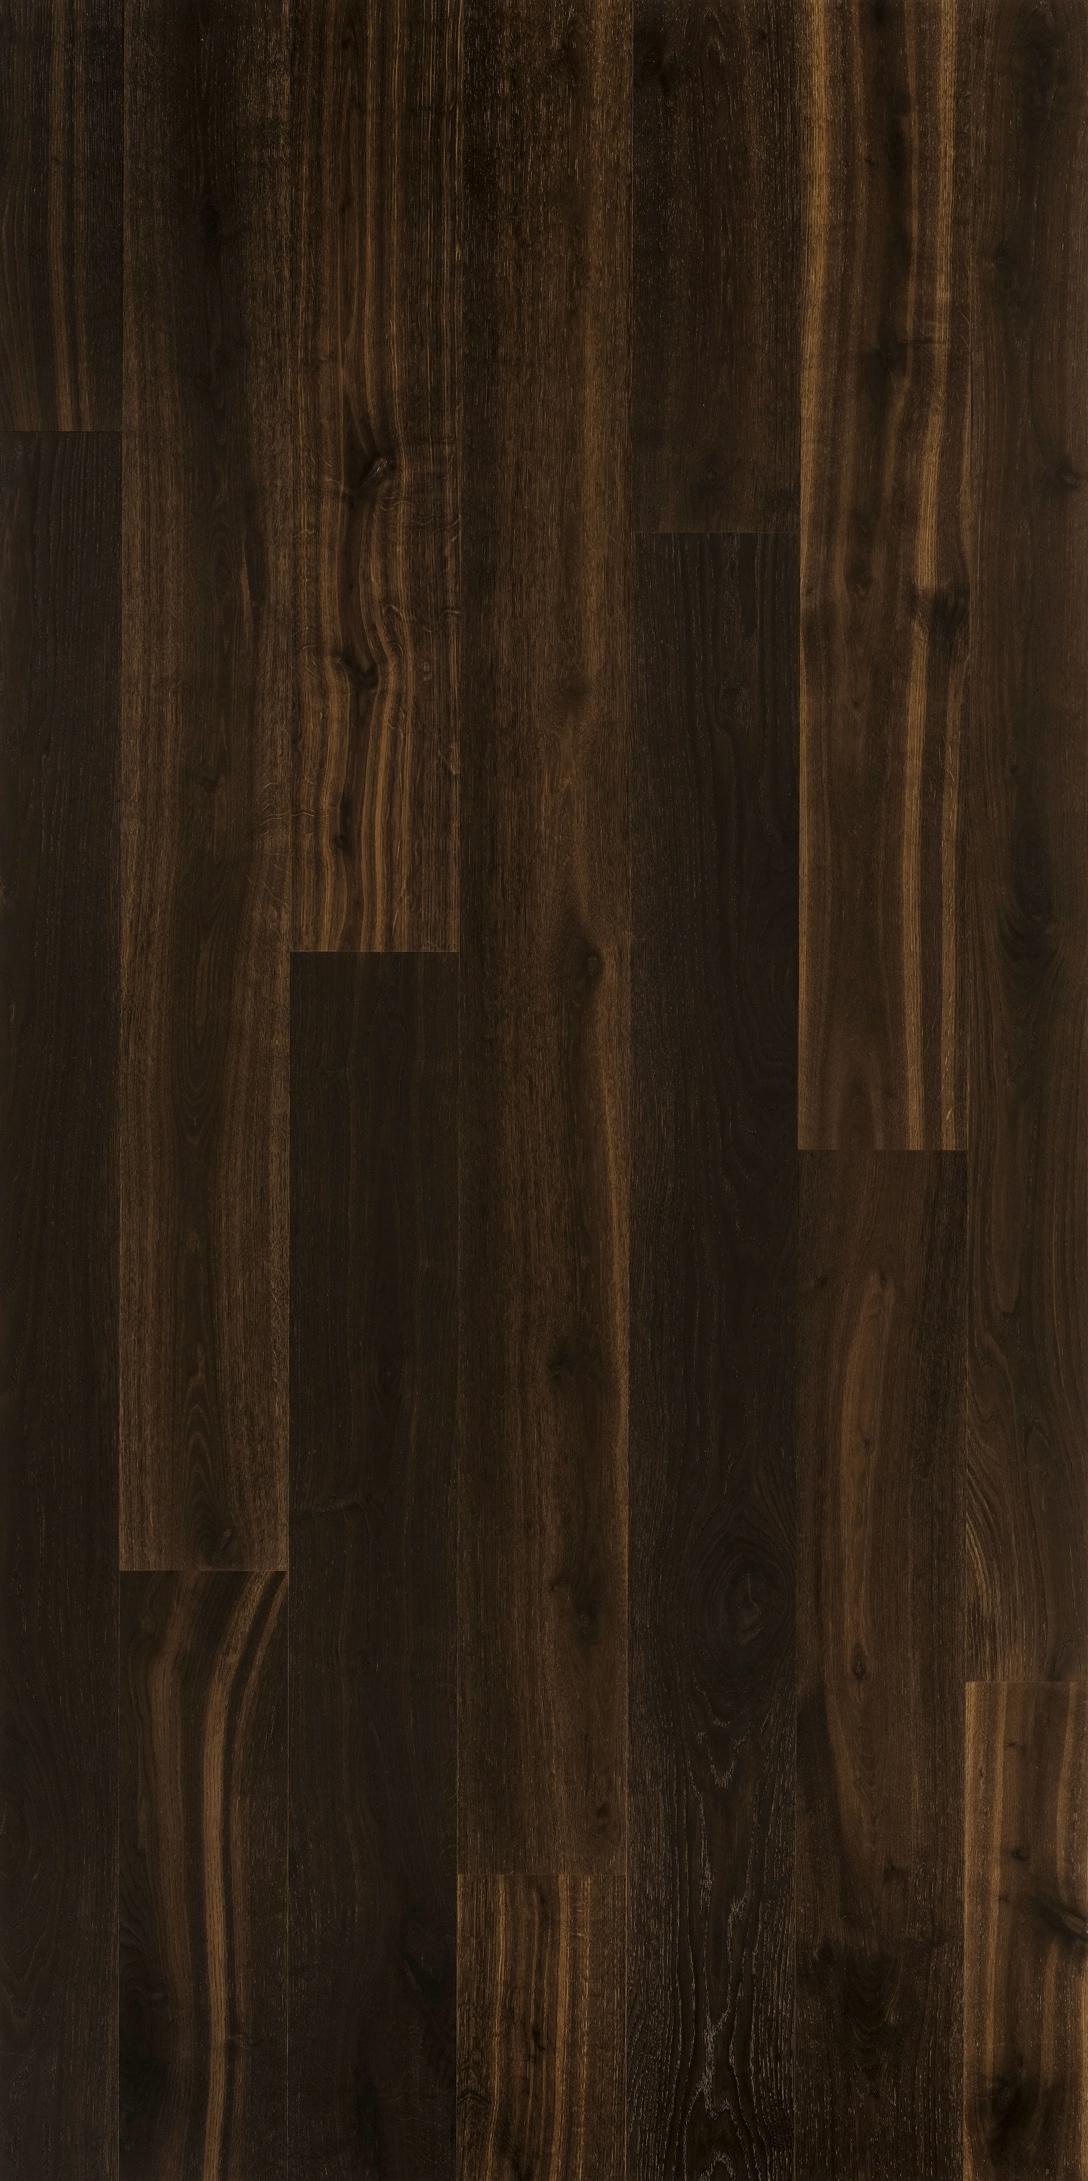 PARADOR Parkett »Classic 3060 Rustikal - Eiche kerngeräuchert«, 2200 x 185 mm, Stärke: 13 mm, 3, 66 m² | Baumarkt > Bodenbeläge > Parkett | PARADOR